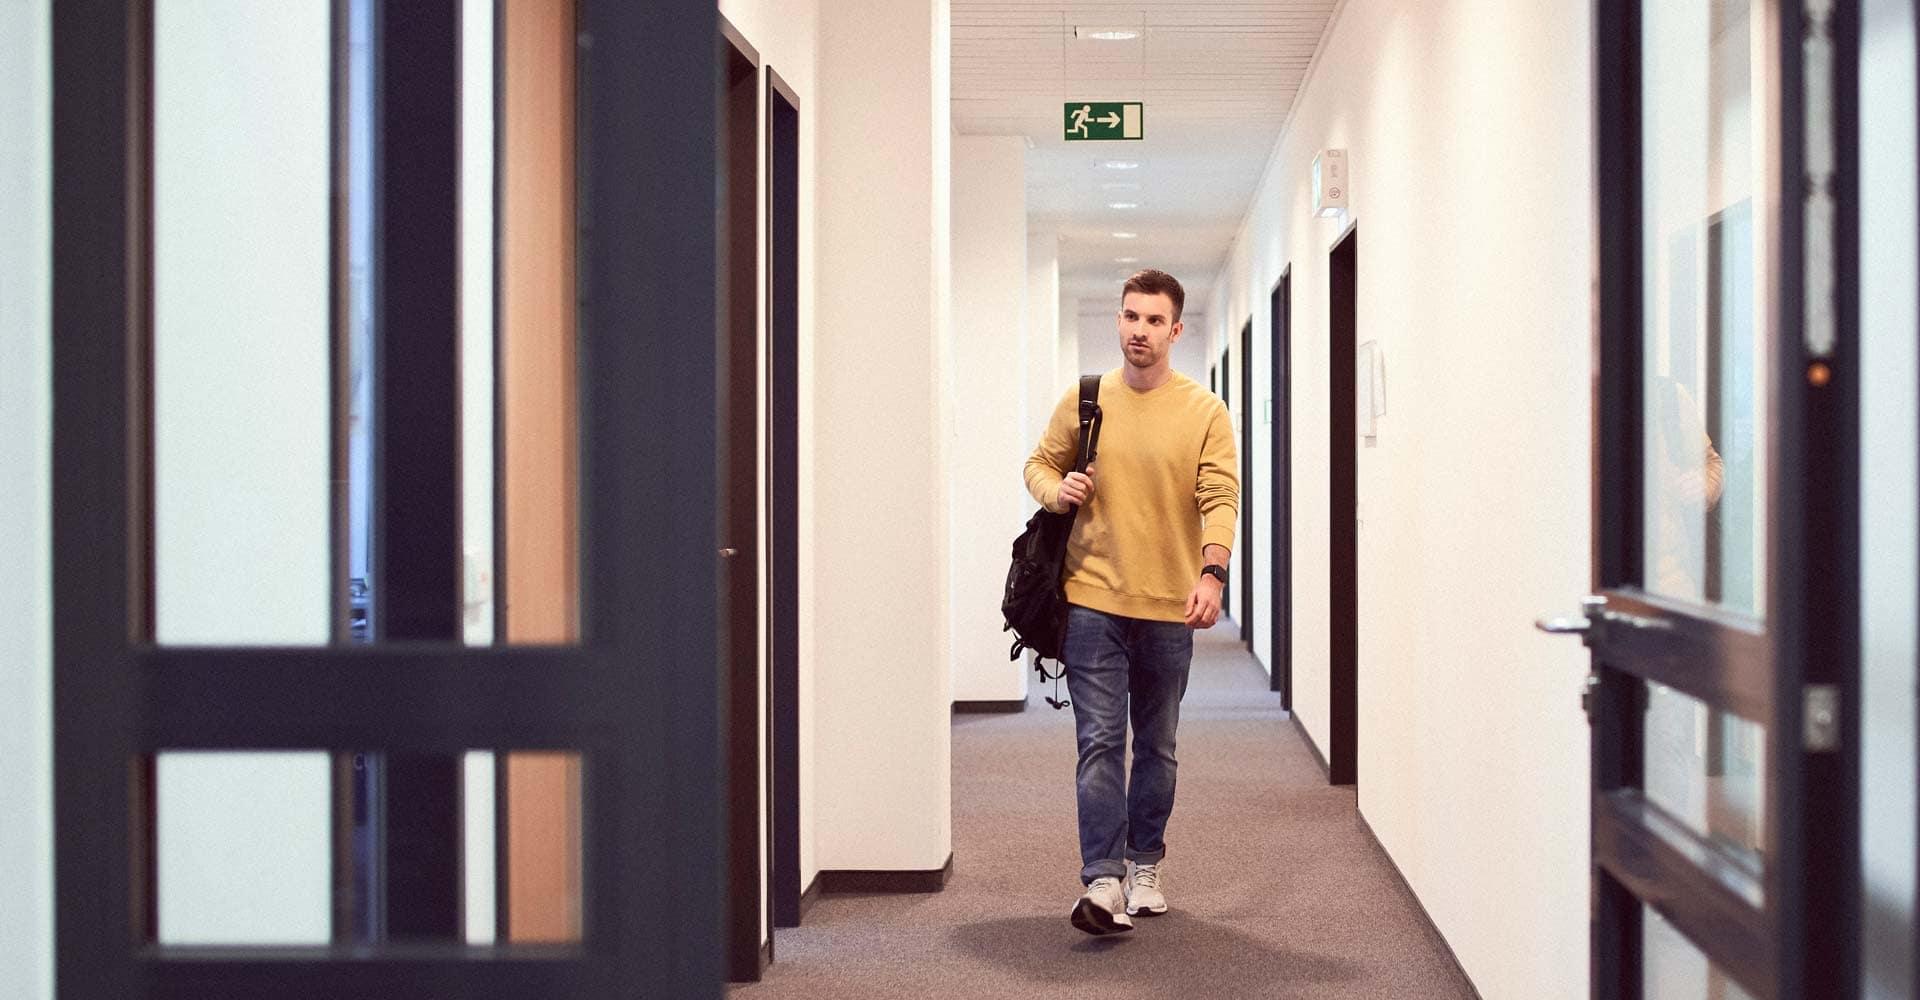 Mann geht einen Gang entlang